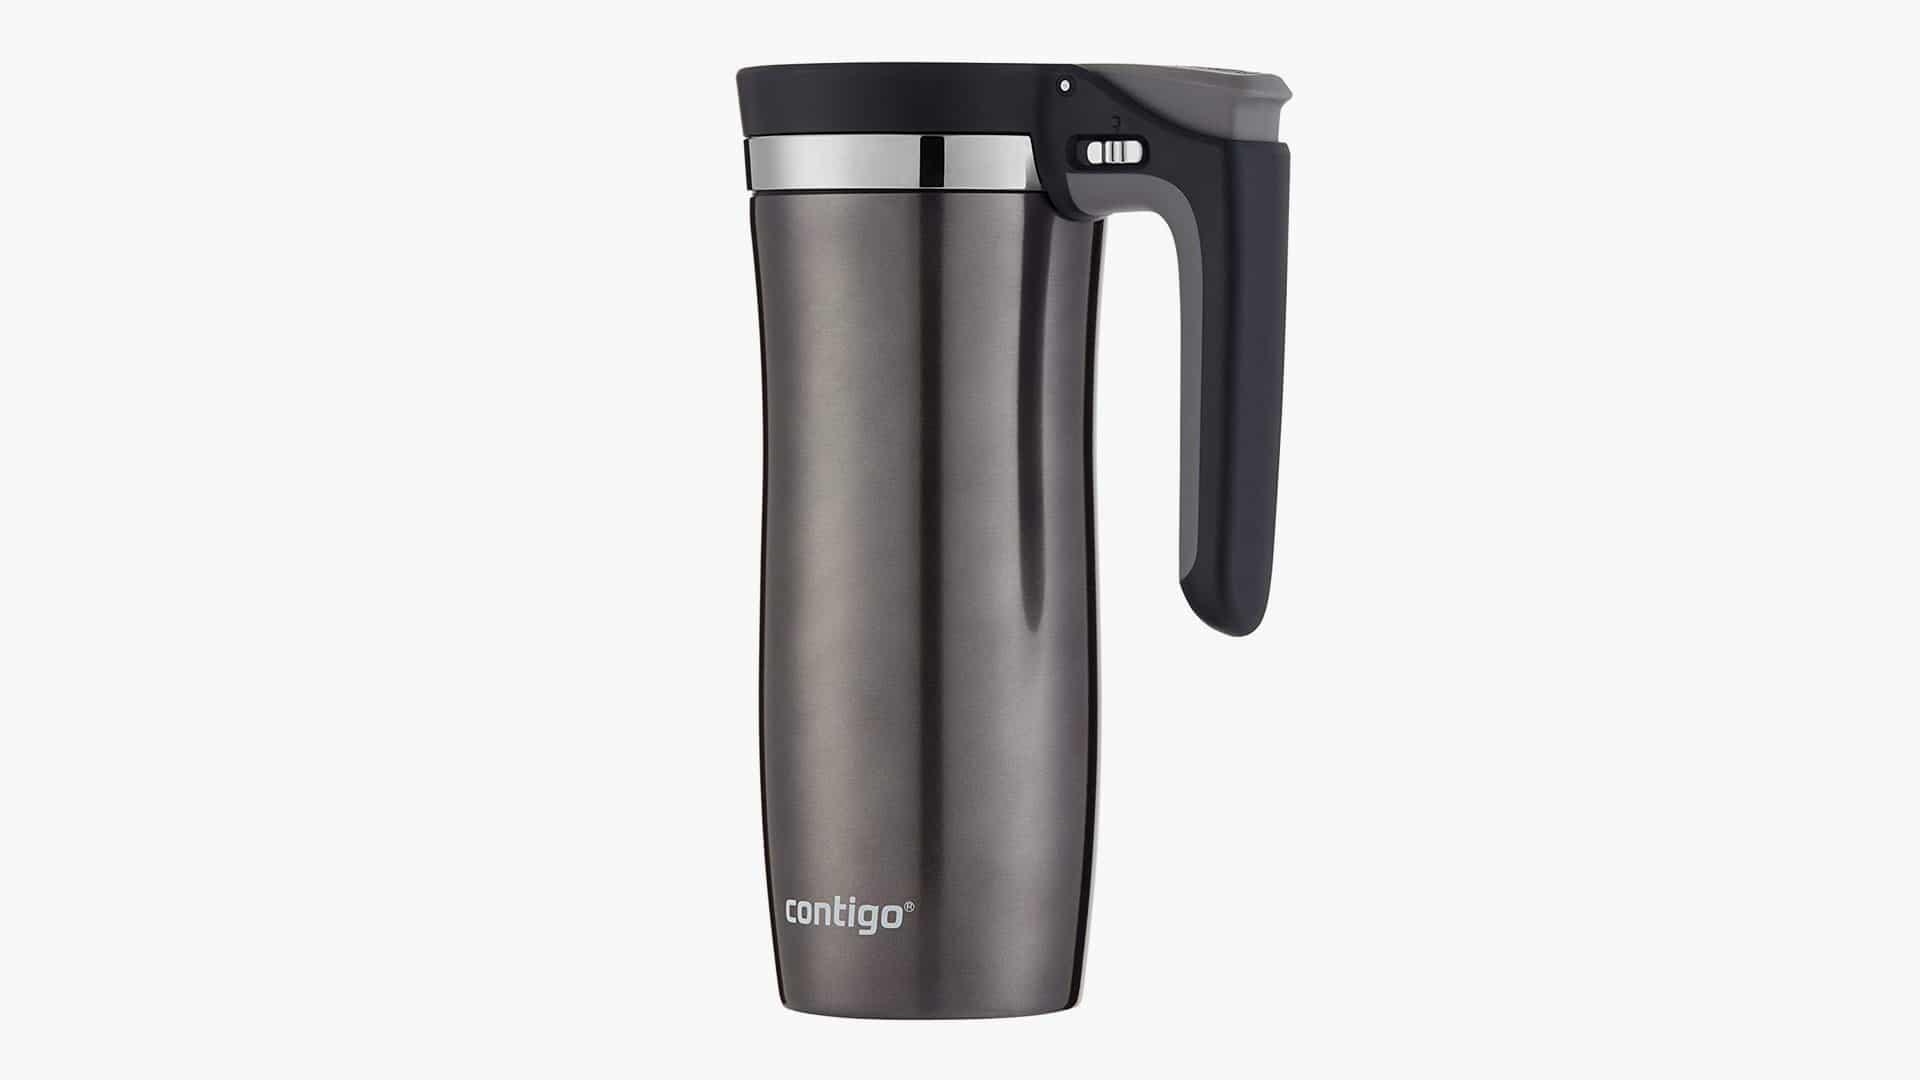 Contigo Handled Autoseal Travel Mug